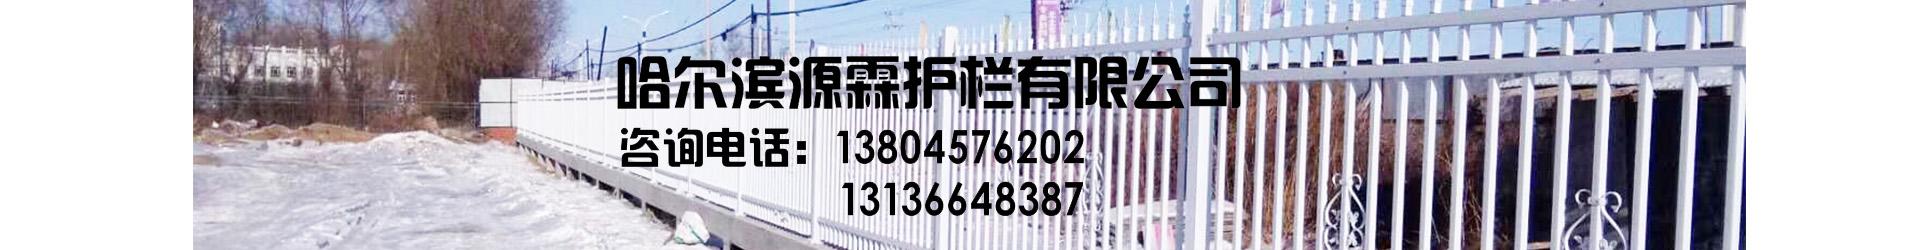 哈尔滨塑钢护栏